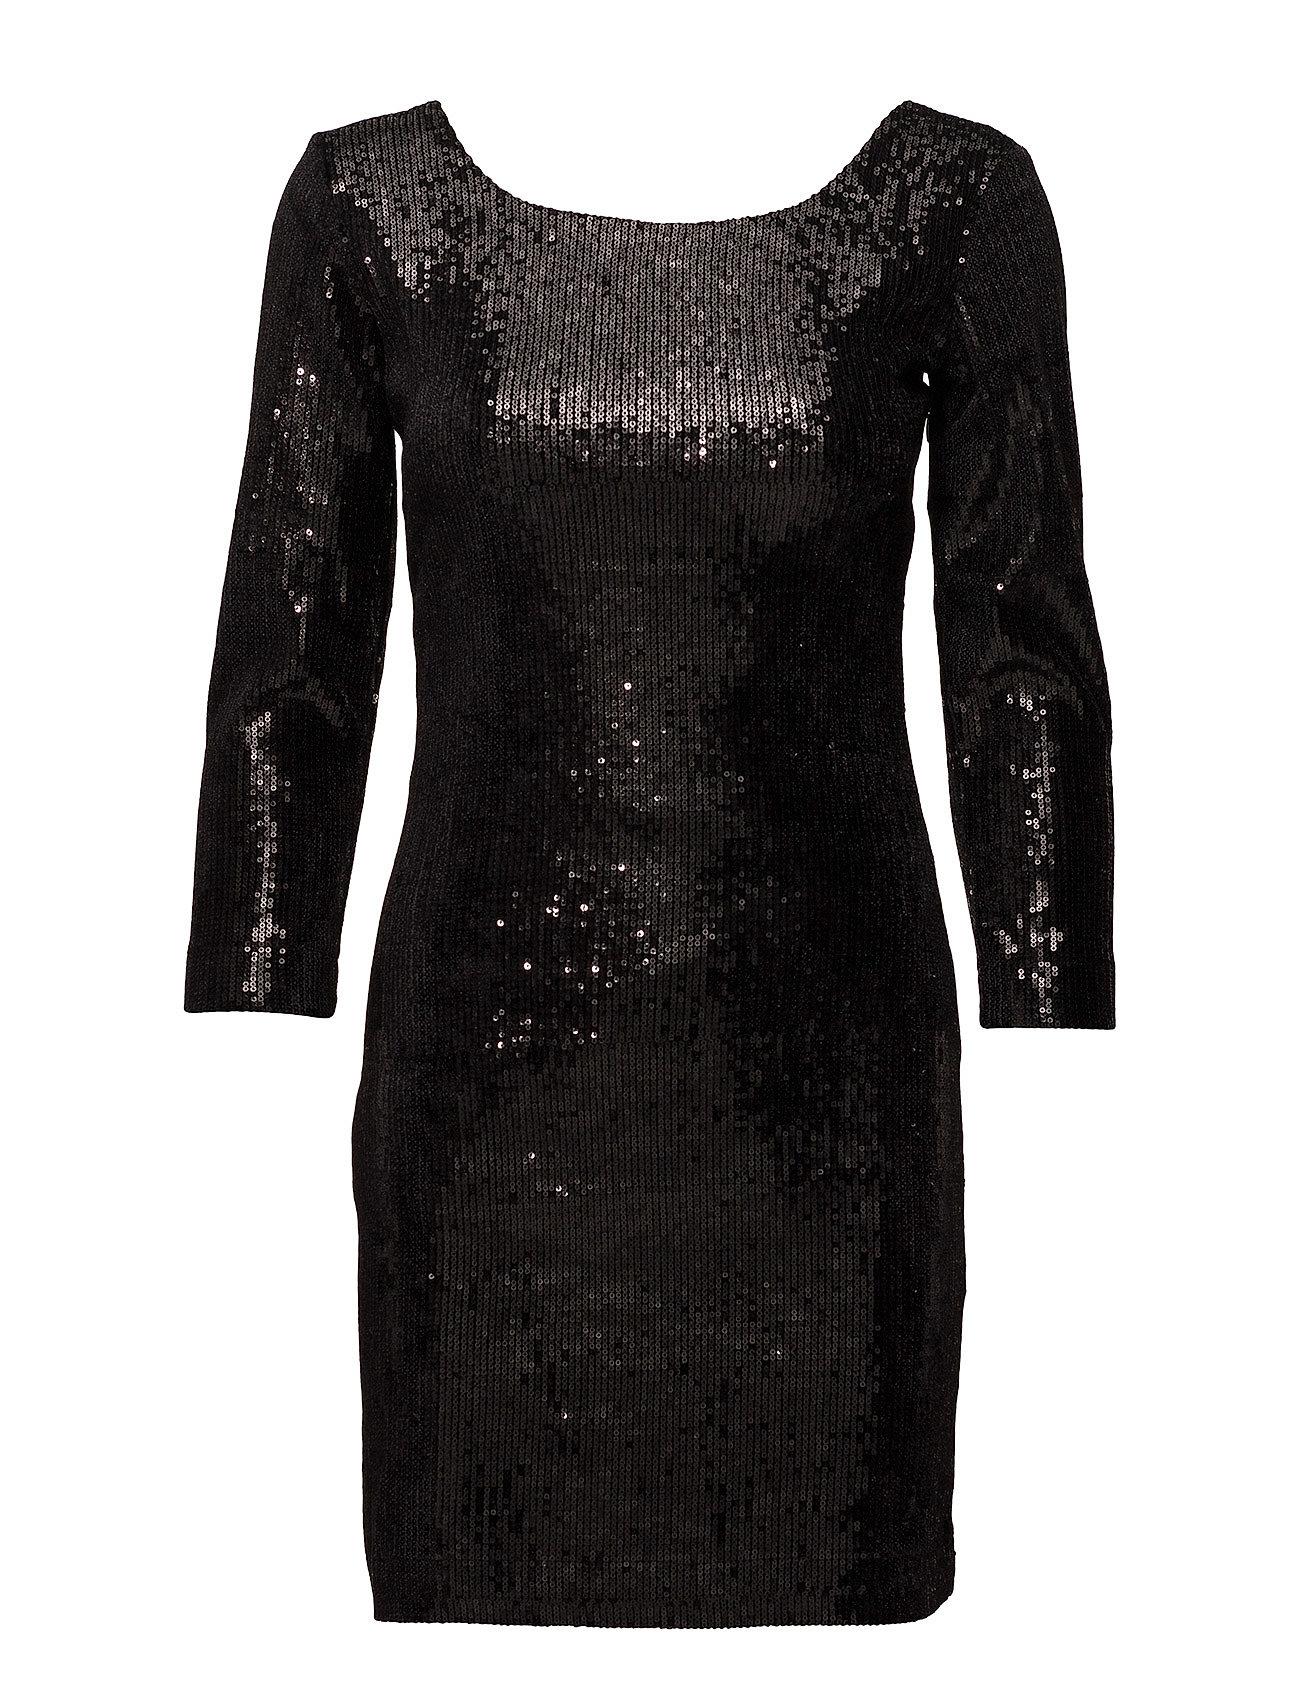 20a803c4 Whyred kjoler – Melly Sequin til dame i Sort - Pashion.dk